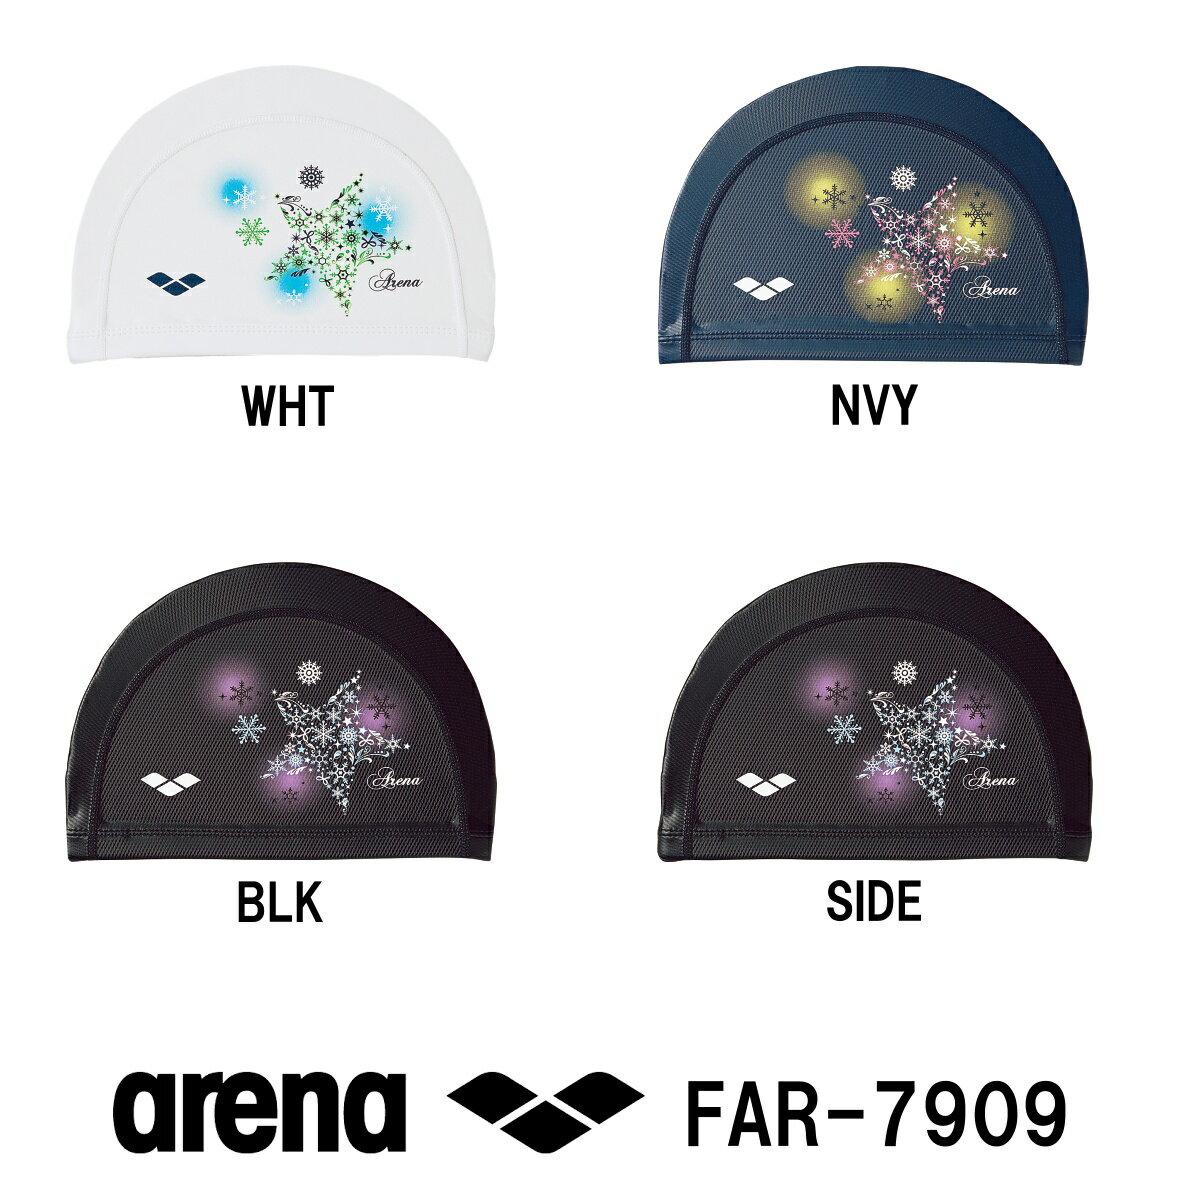 ARENA アリーナ 2WAYシリコンキャップ 星×雪の結晶 2017年FWモデル FAR-7909